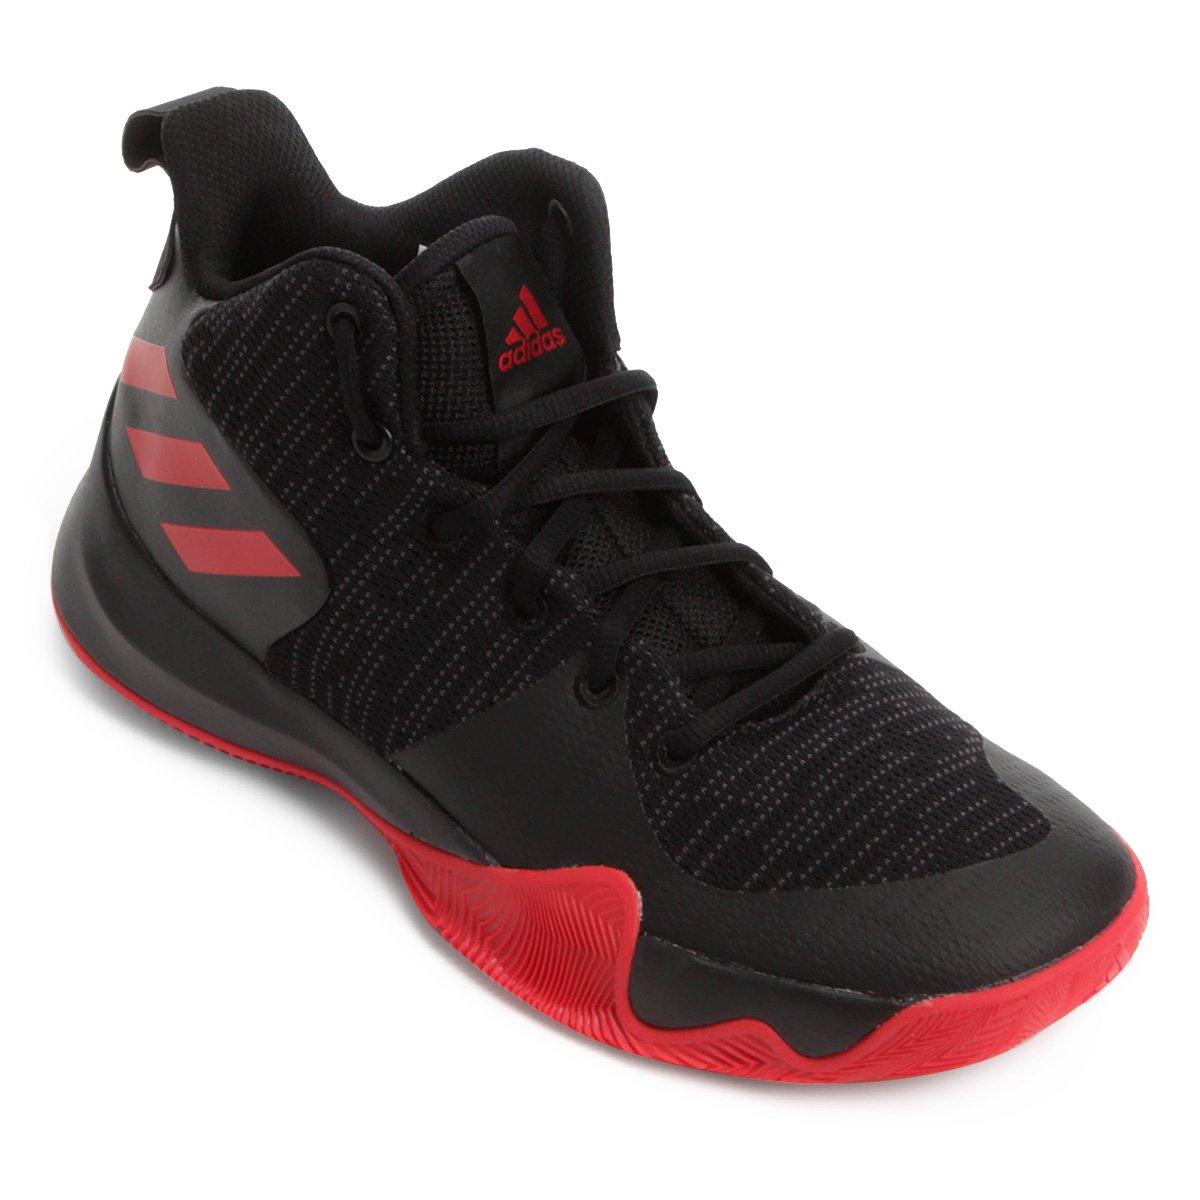 Tênis Adidas Explosive Flash Masculino - Preto e Vermelho - Compre ... c6968d624bc29